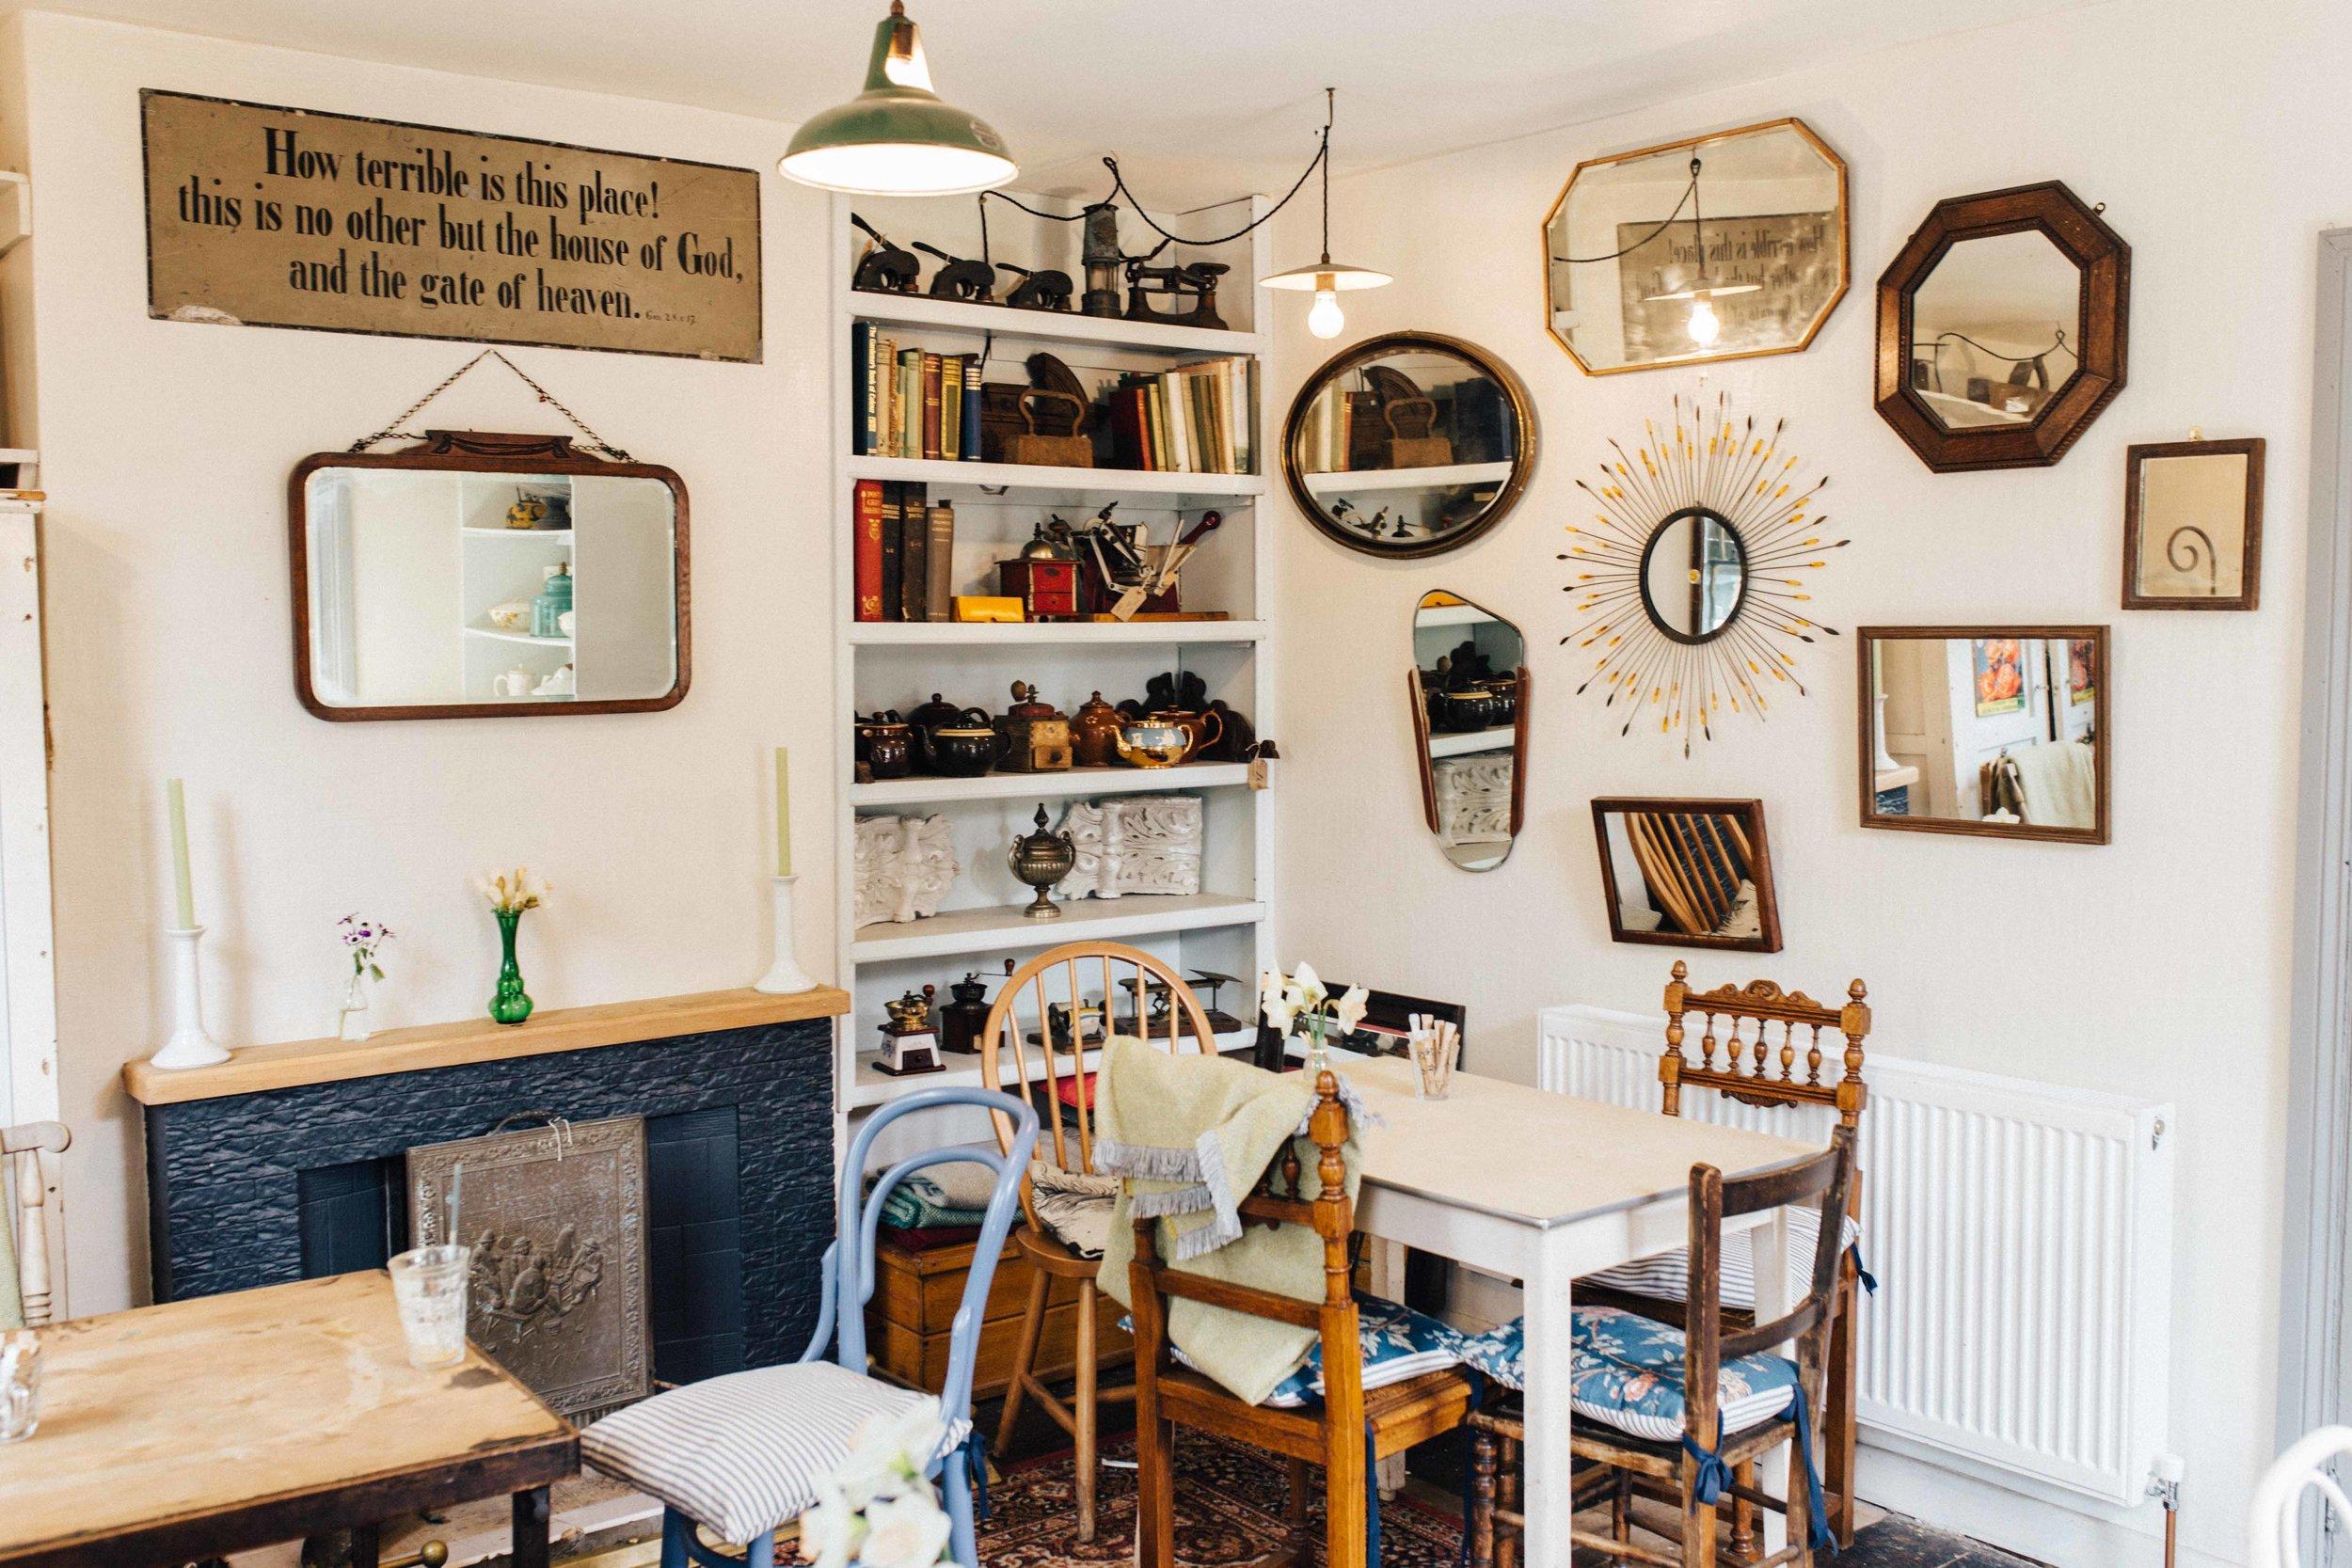 Room at Alexandra Nurseries, Penge, South East London